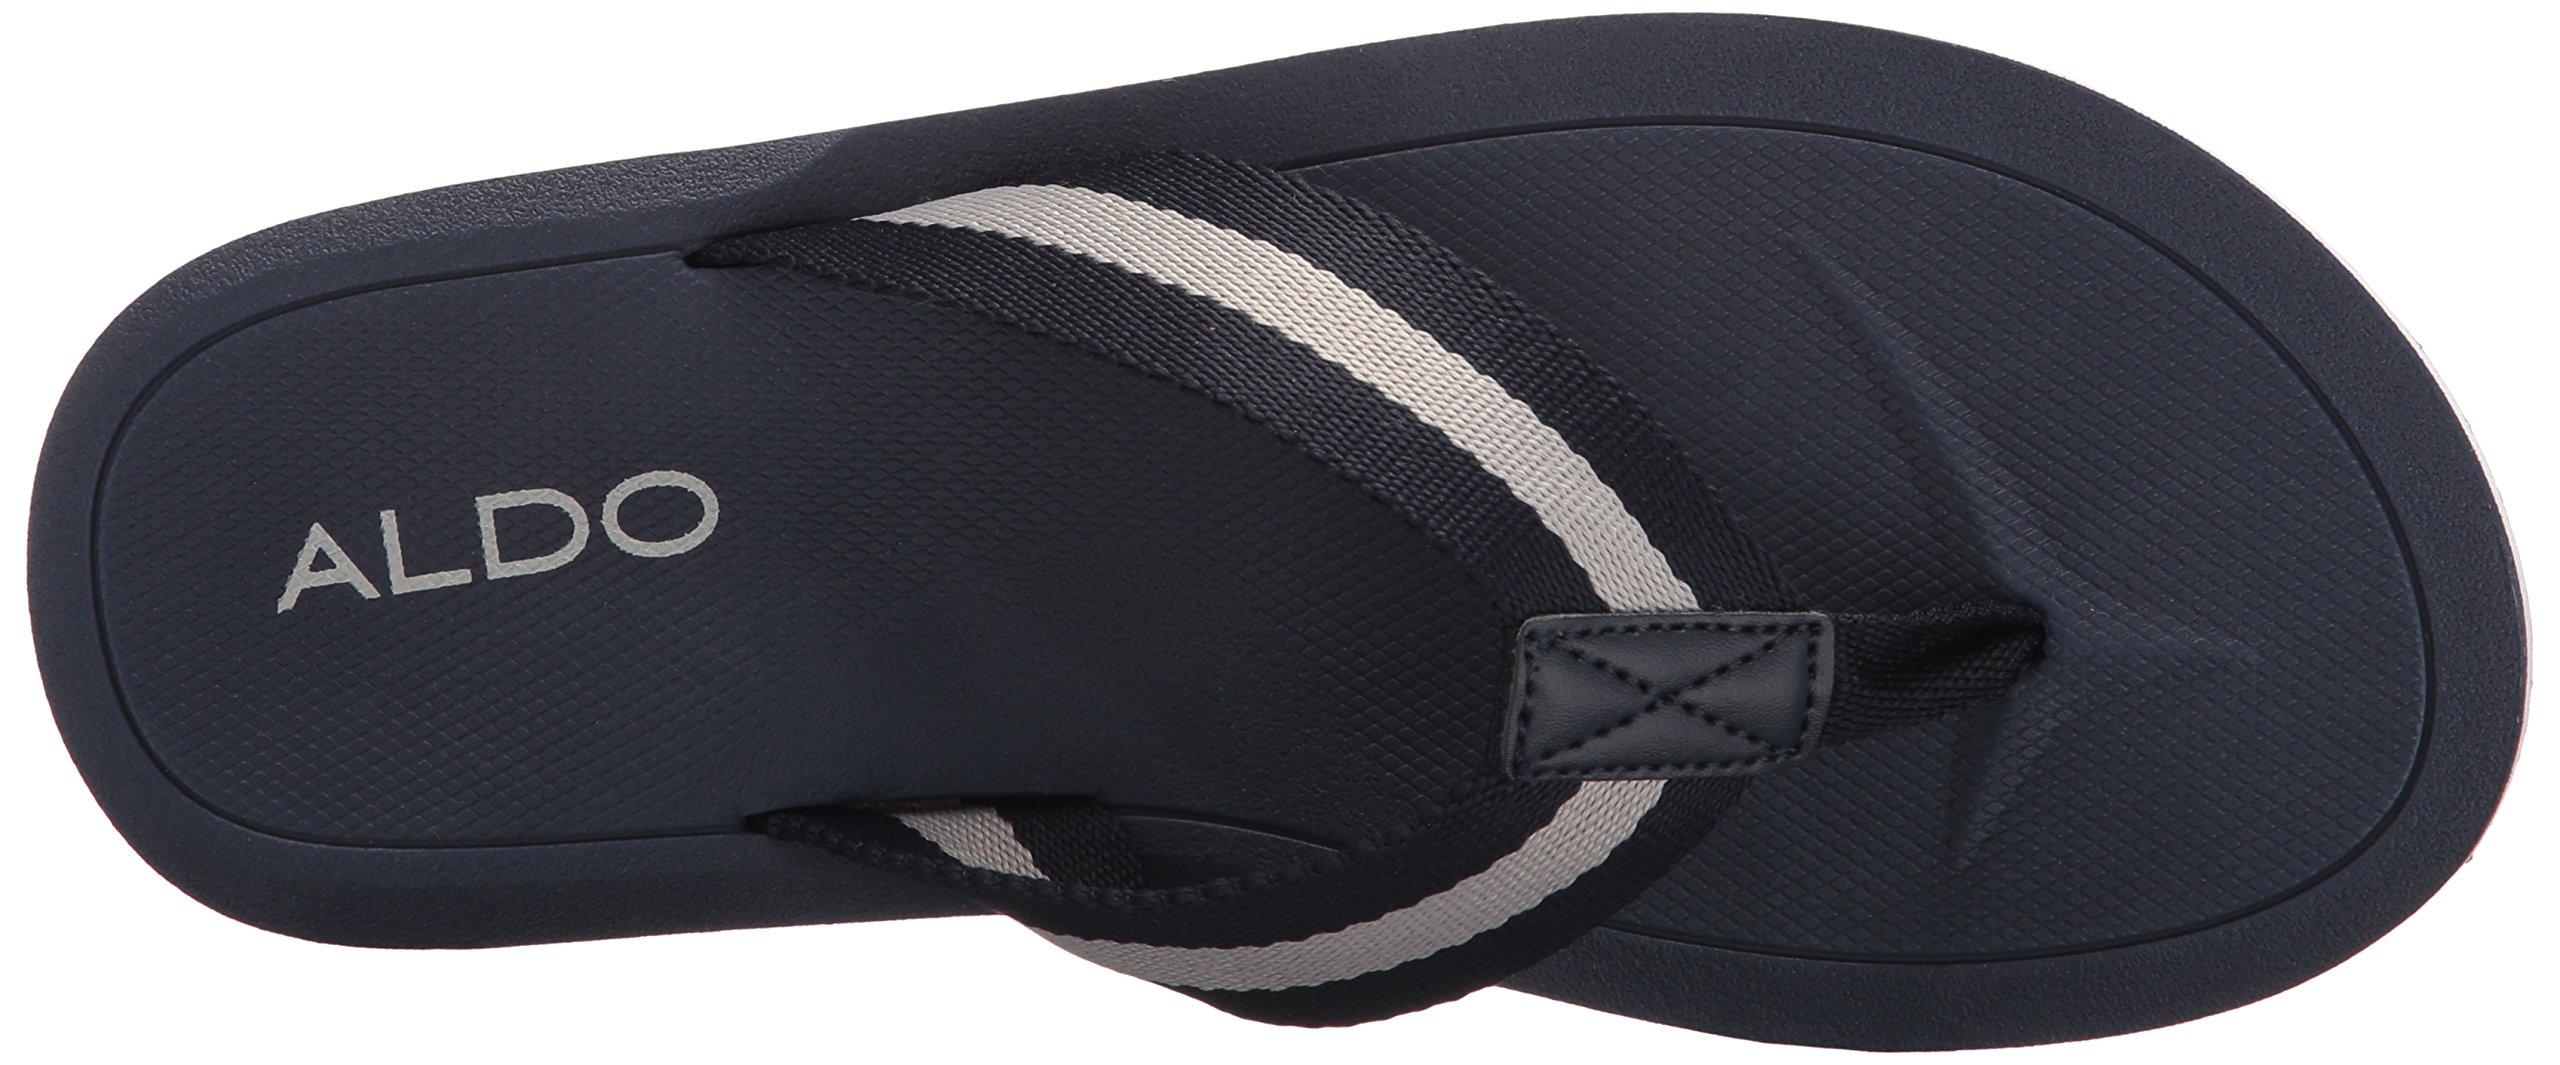 ALDO Men's Bortnick Flip Flop, Navy, 10.5 D US by ALDO (Image #8)